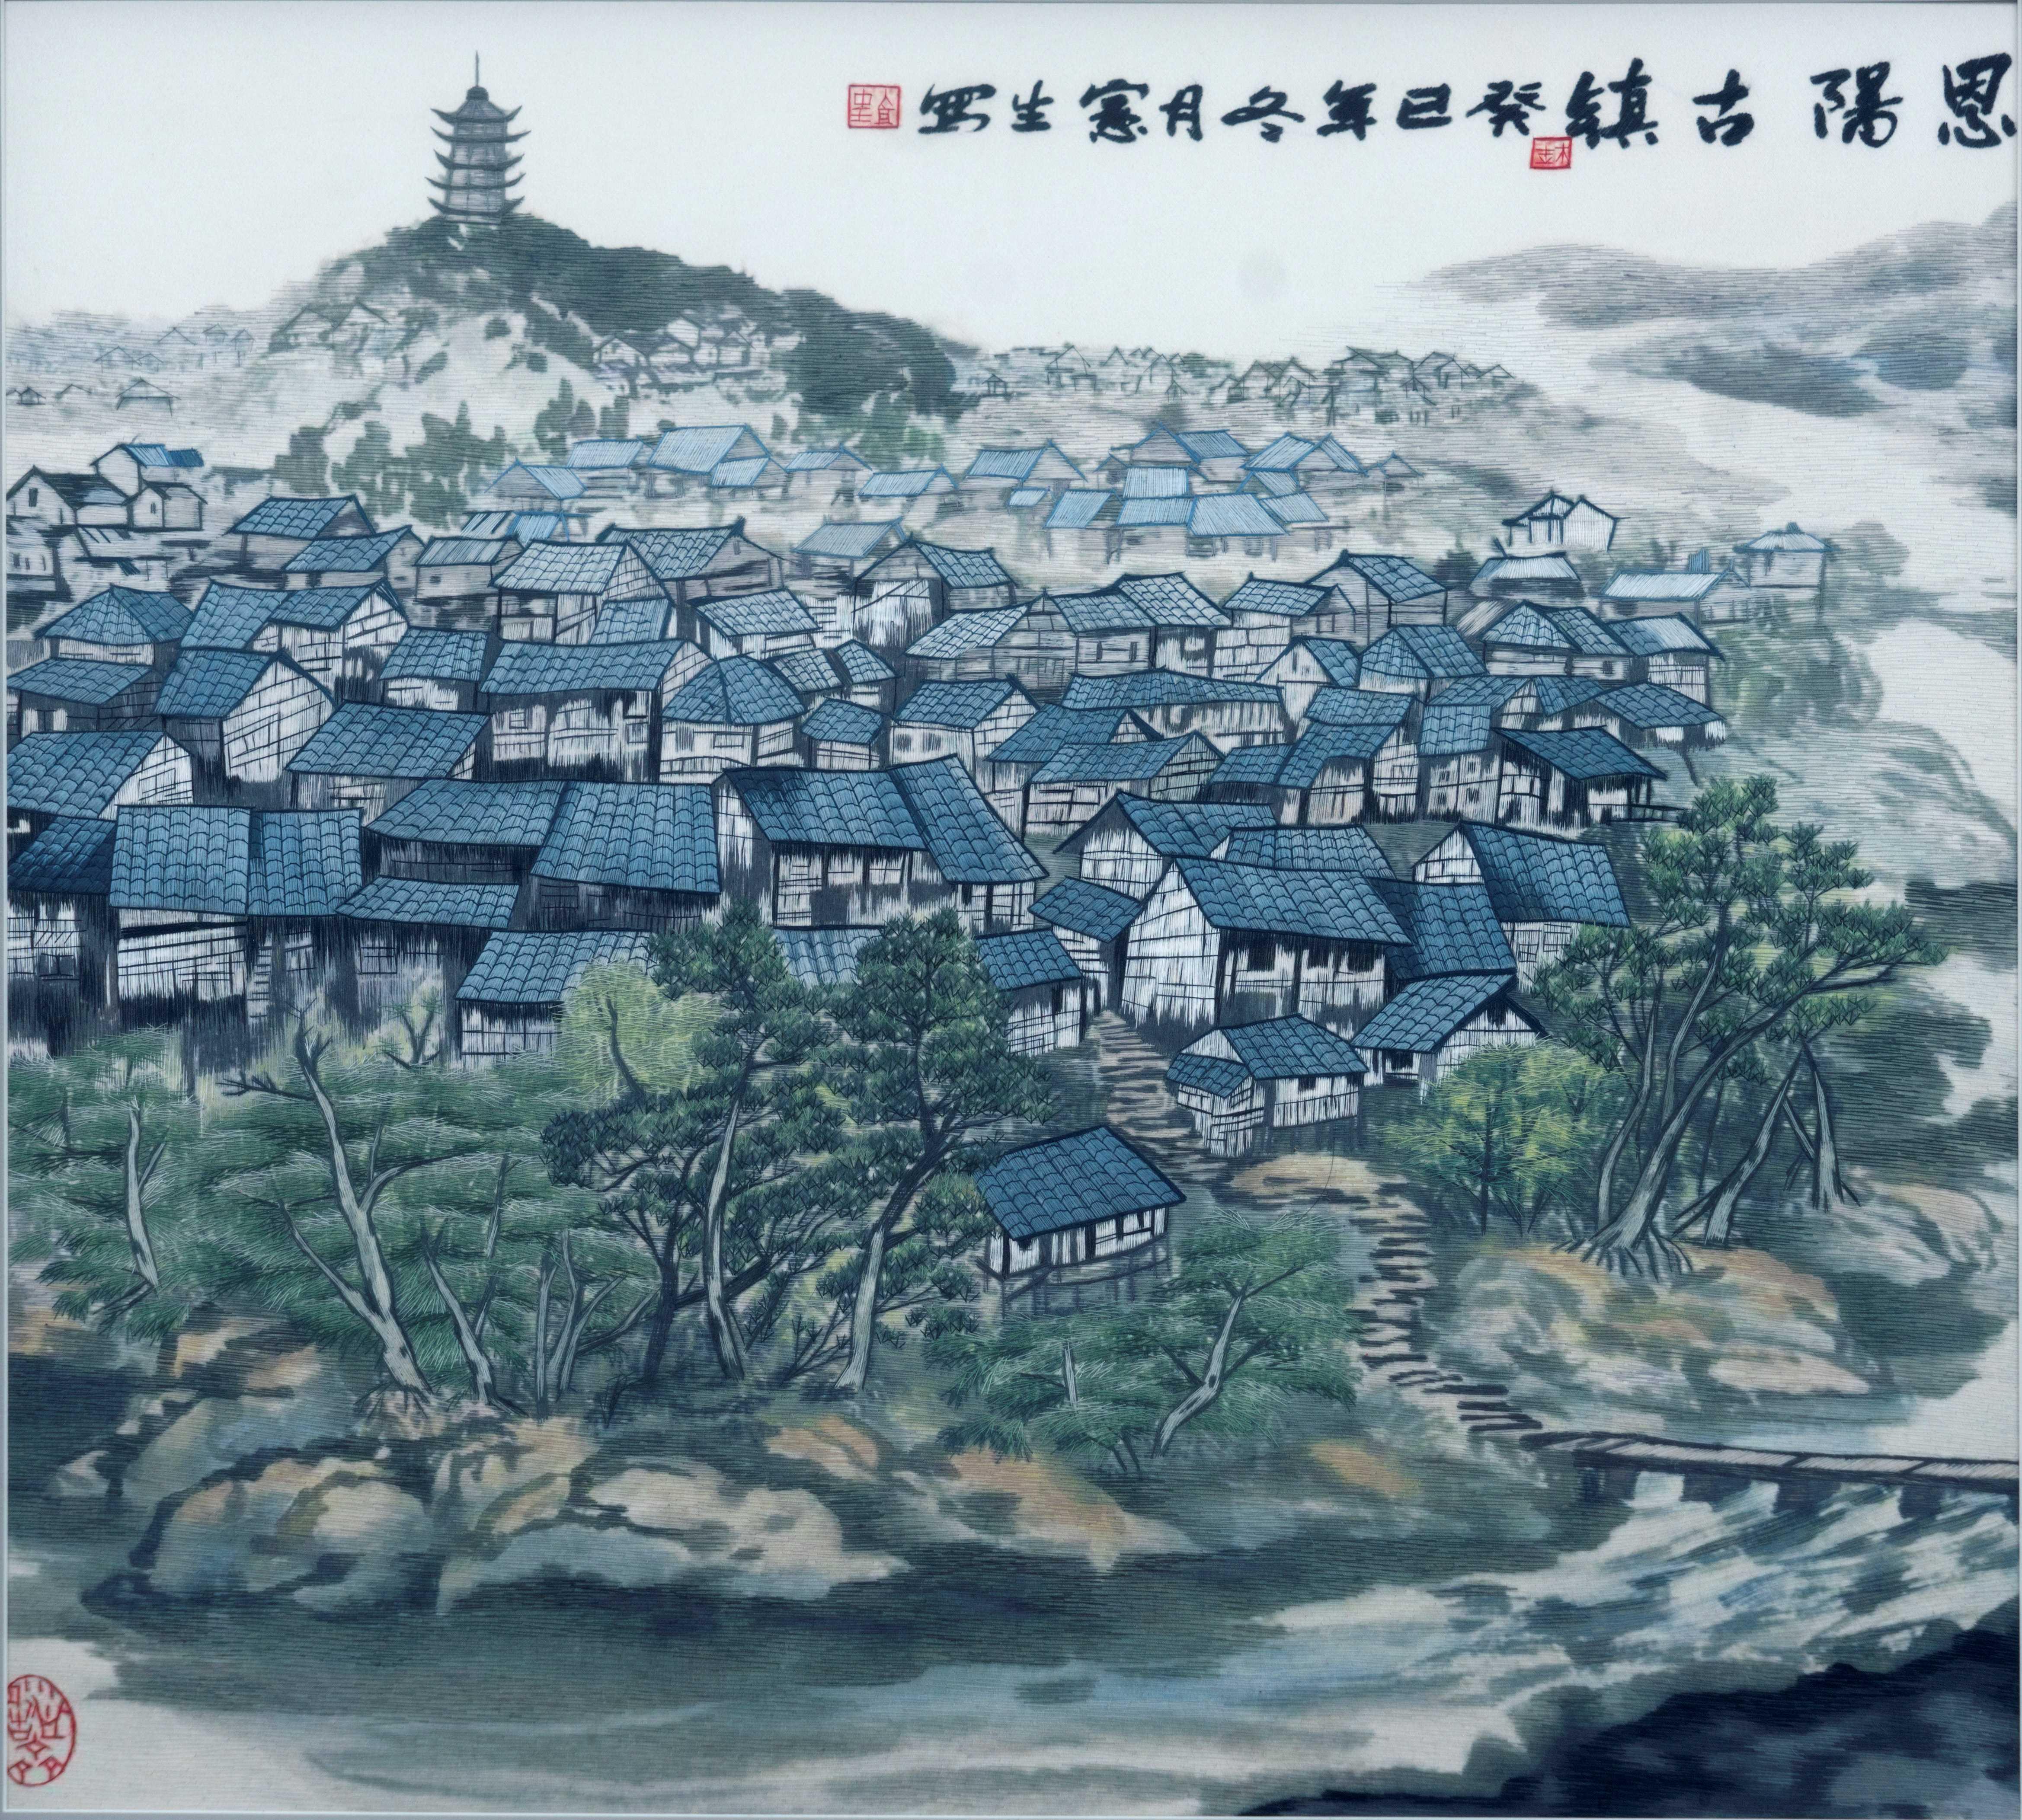 恩阳古镇   100000元22